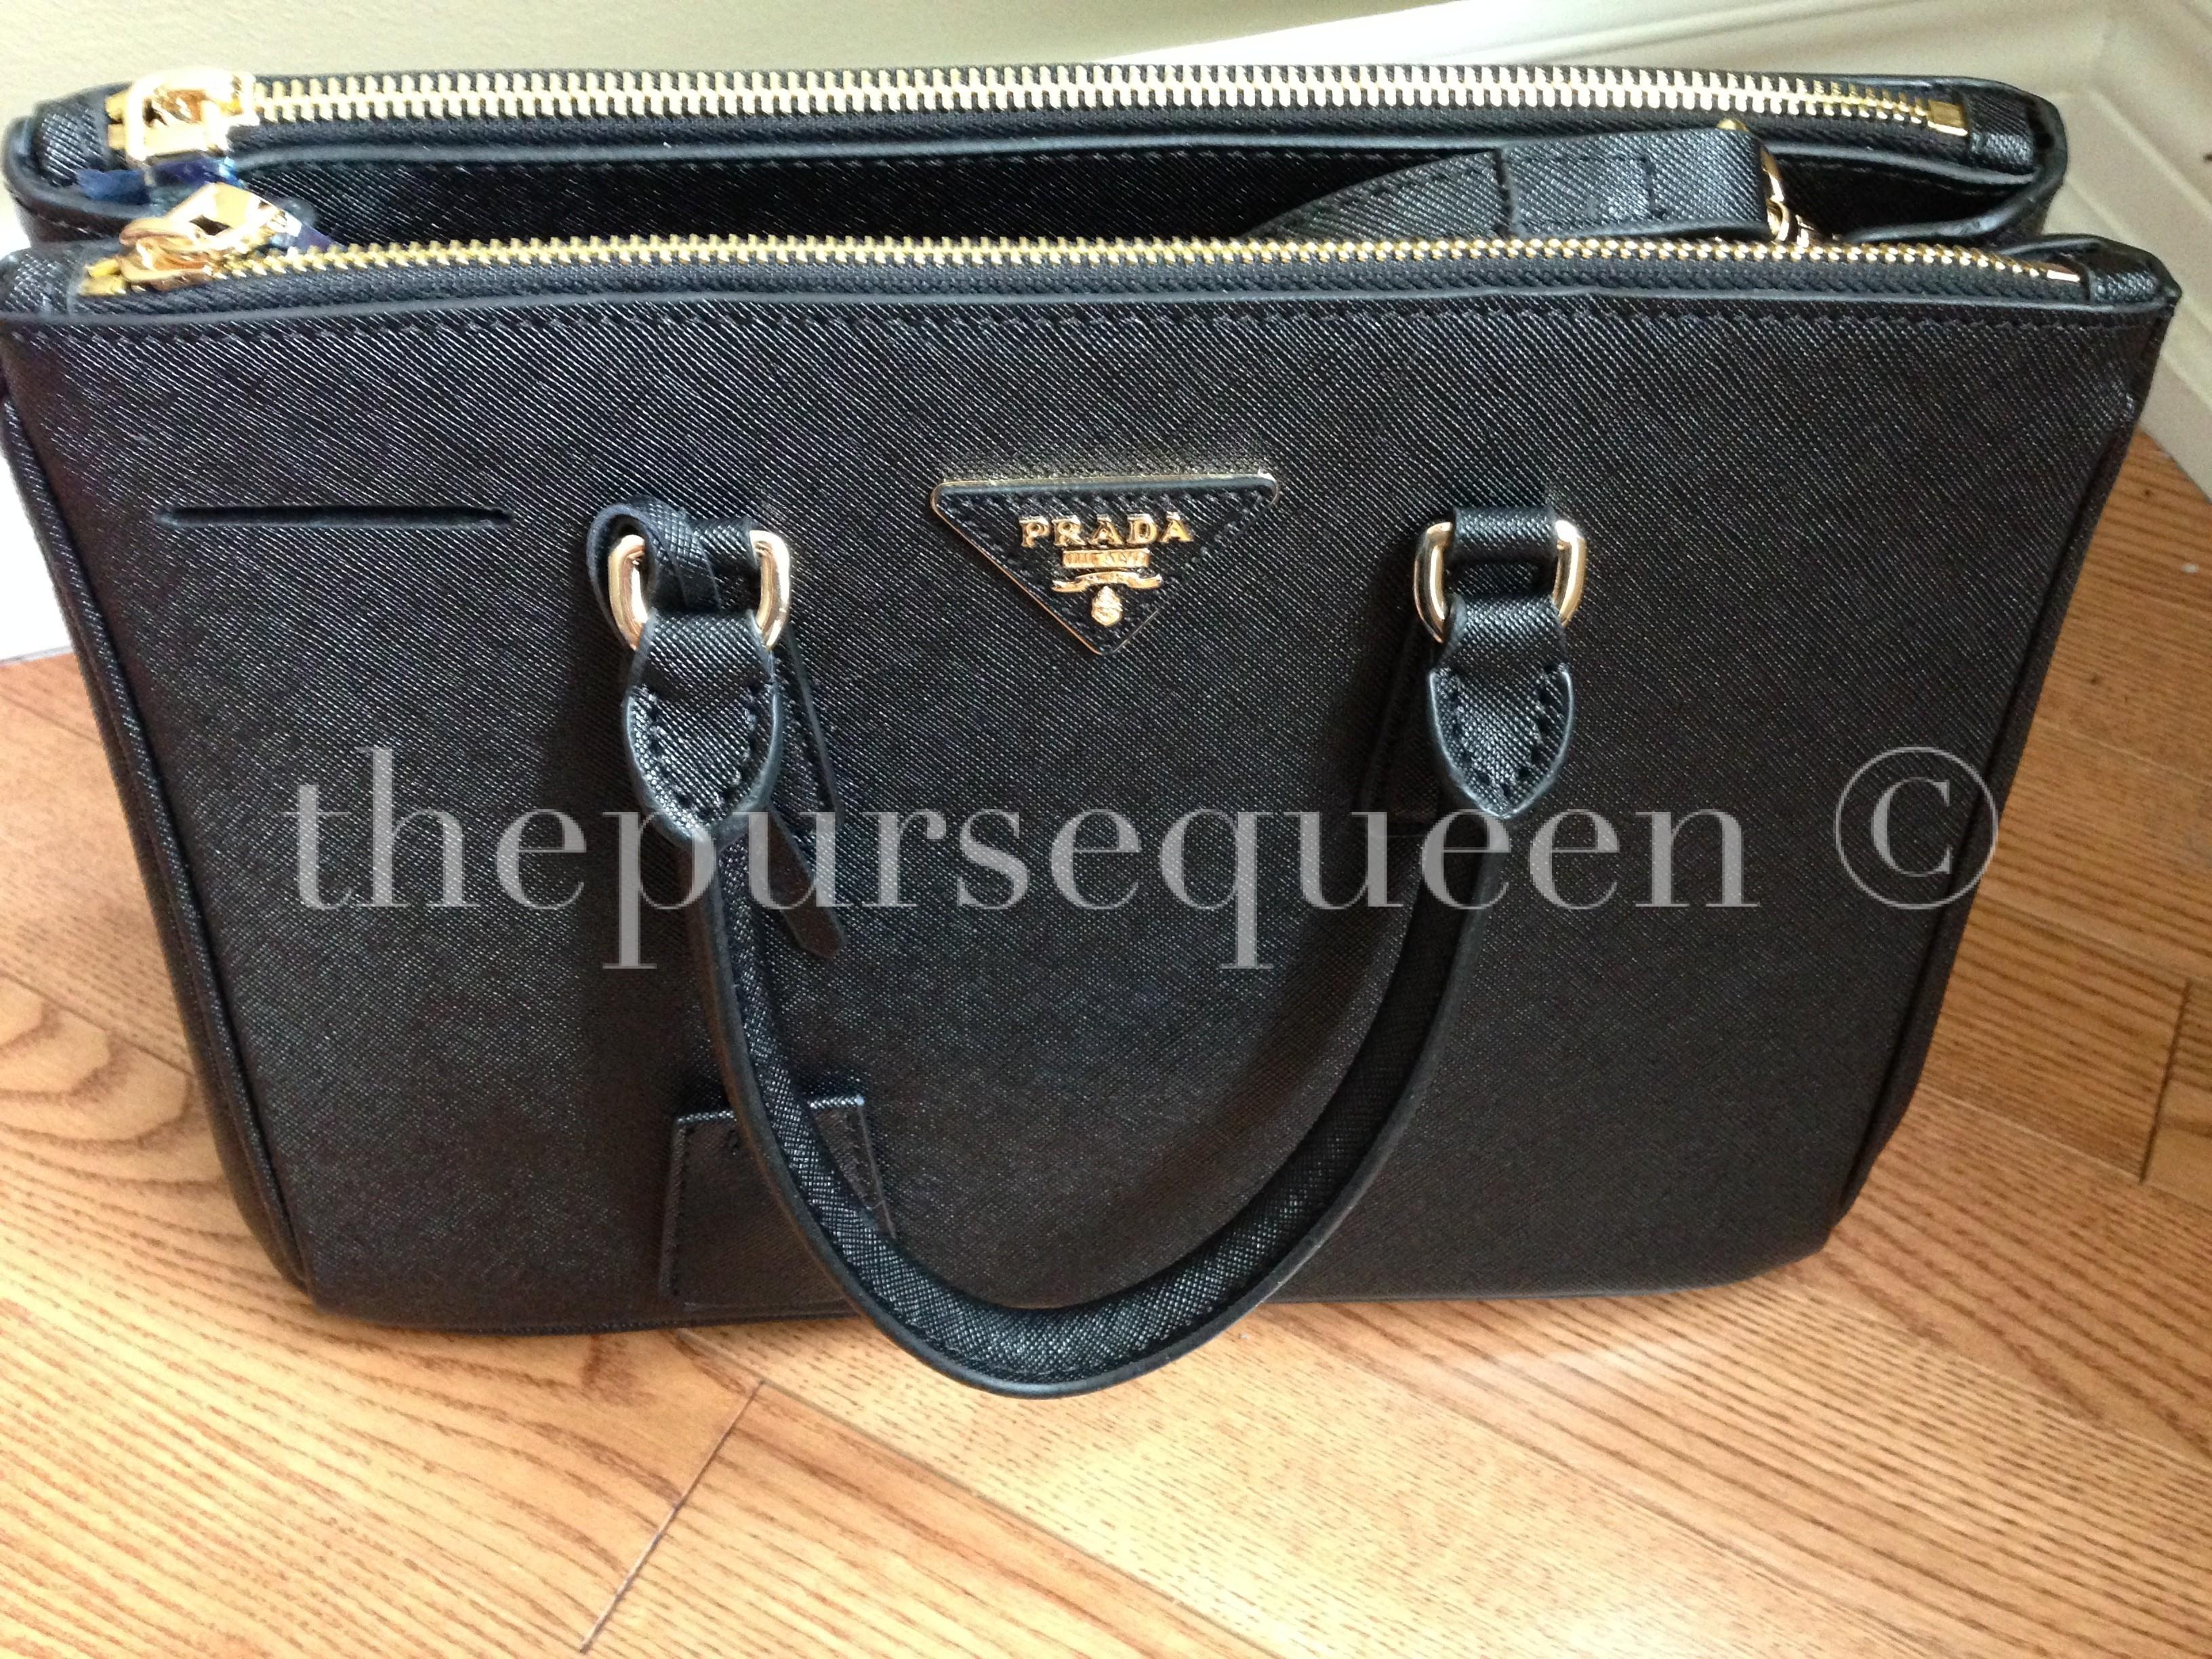 a380a37eb528 fake Prada Archives - Authentic & Replica Handbag Reviews by The ...